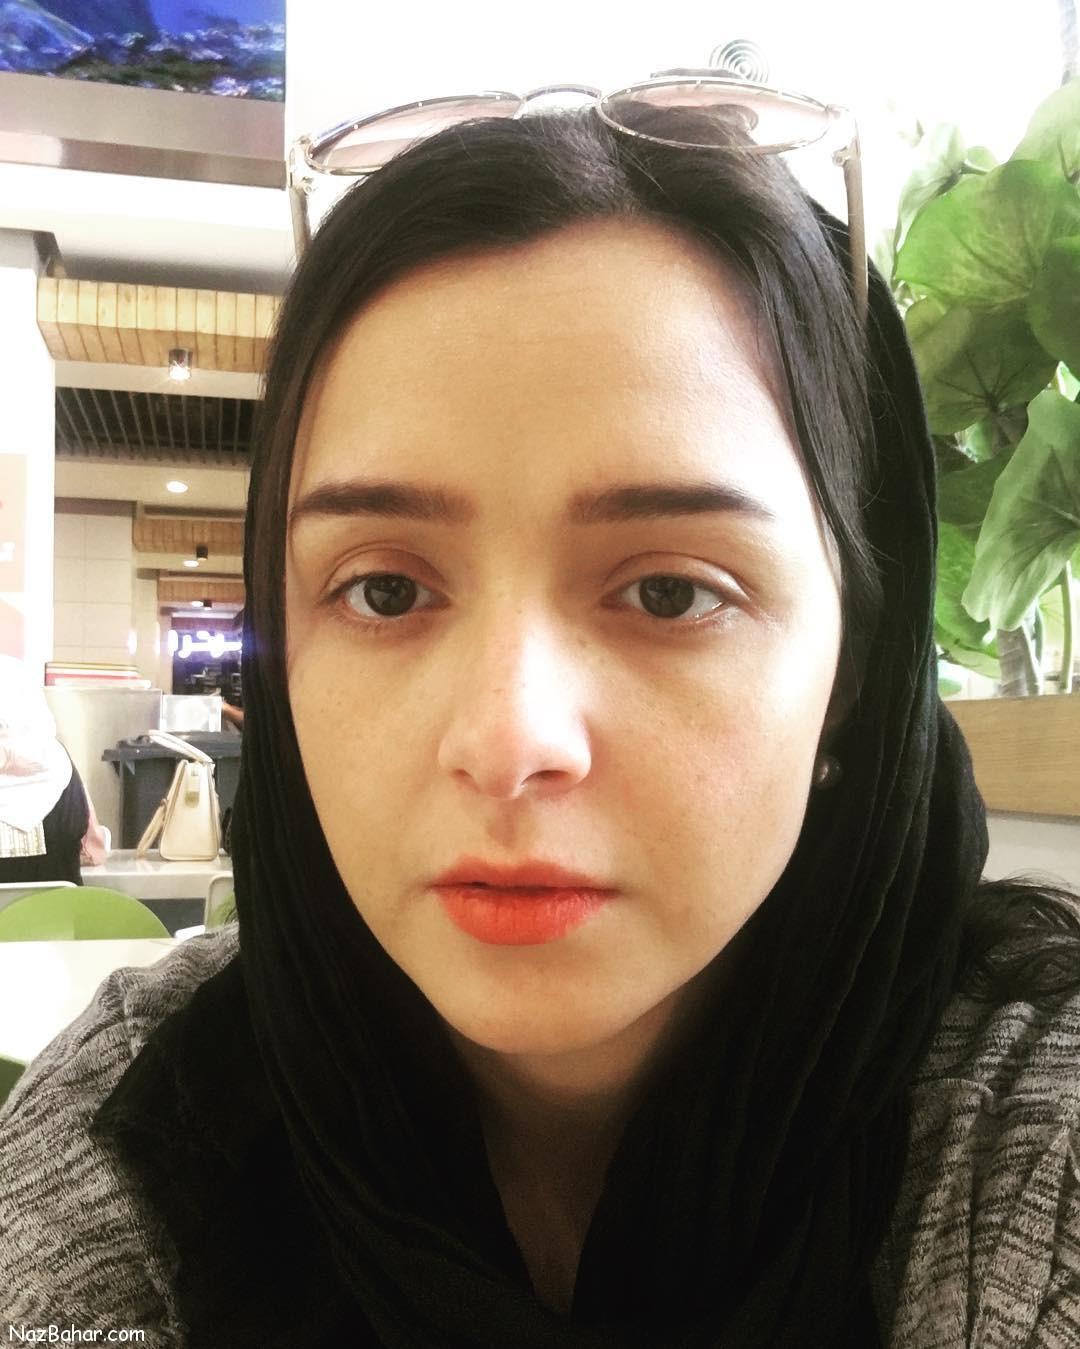 عکس های زیبای ترانه علی دوستی در صفحه اینستاگرامش